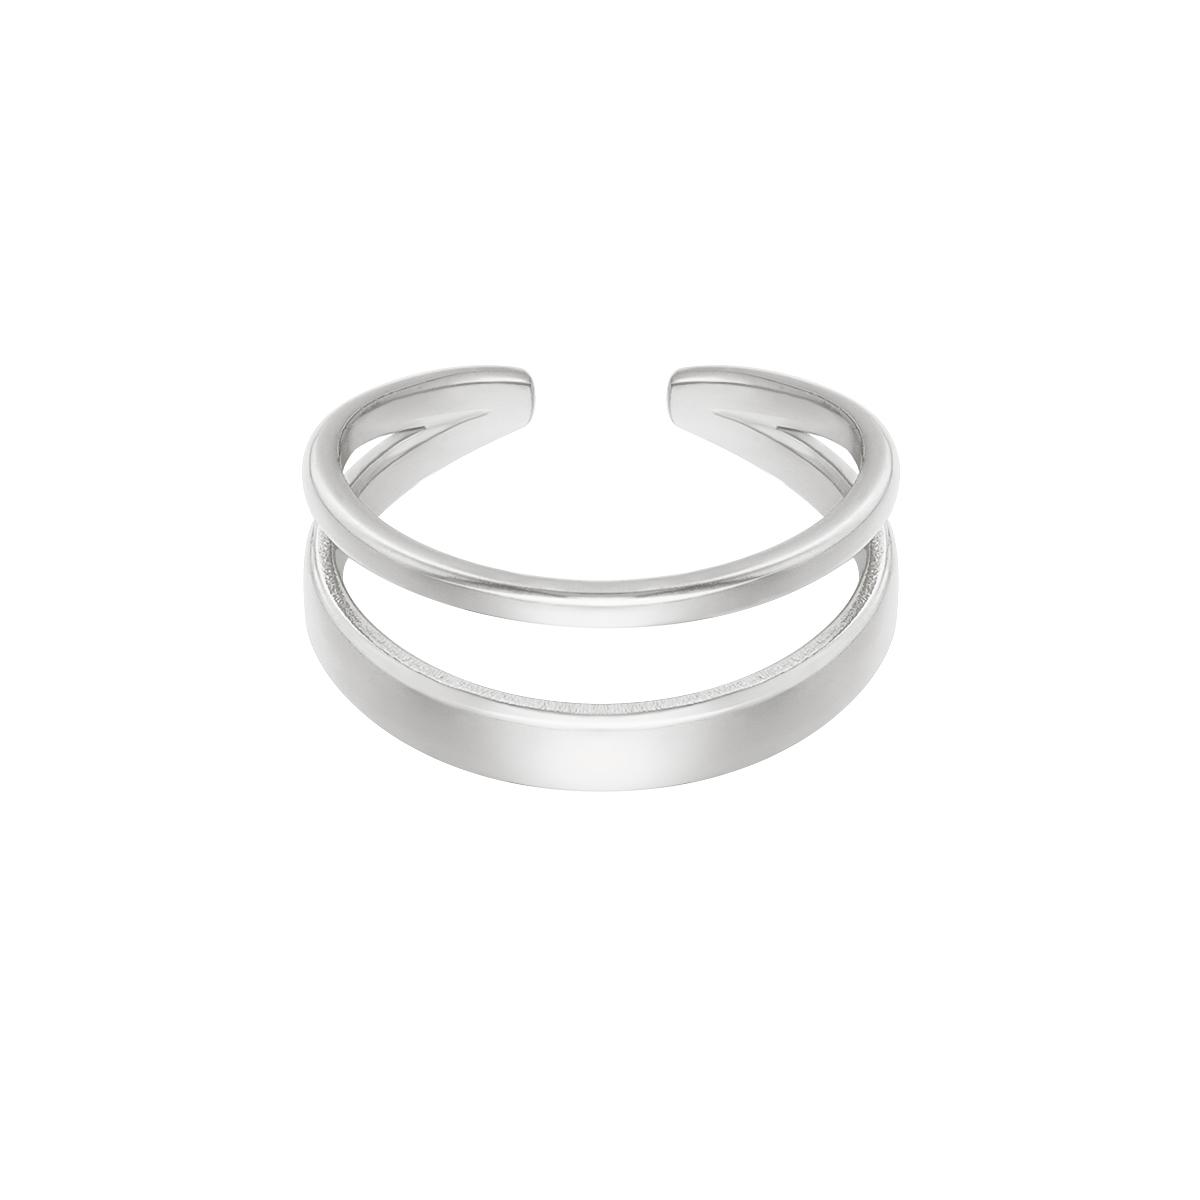 Zilveren Ring Luna zilver dames ringen rvs stainless steel trendy lagen ringen yehwang sieraden kopen bestellen